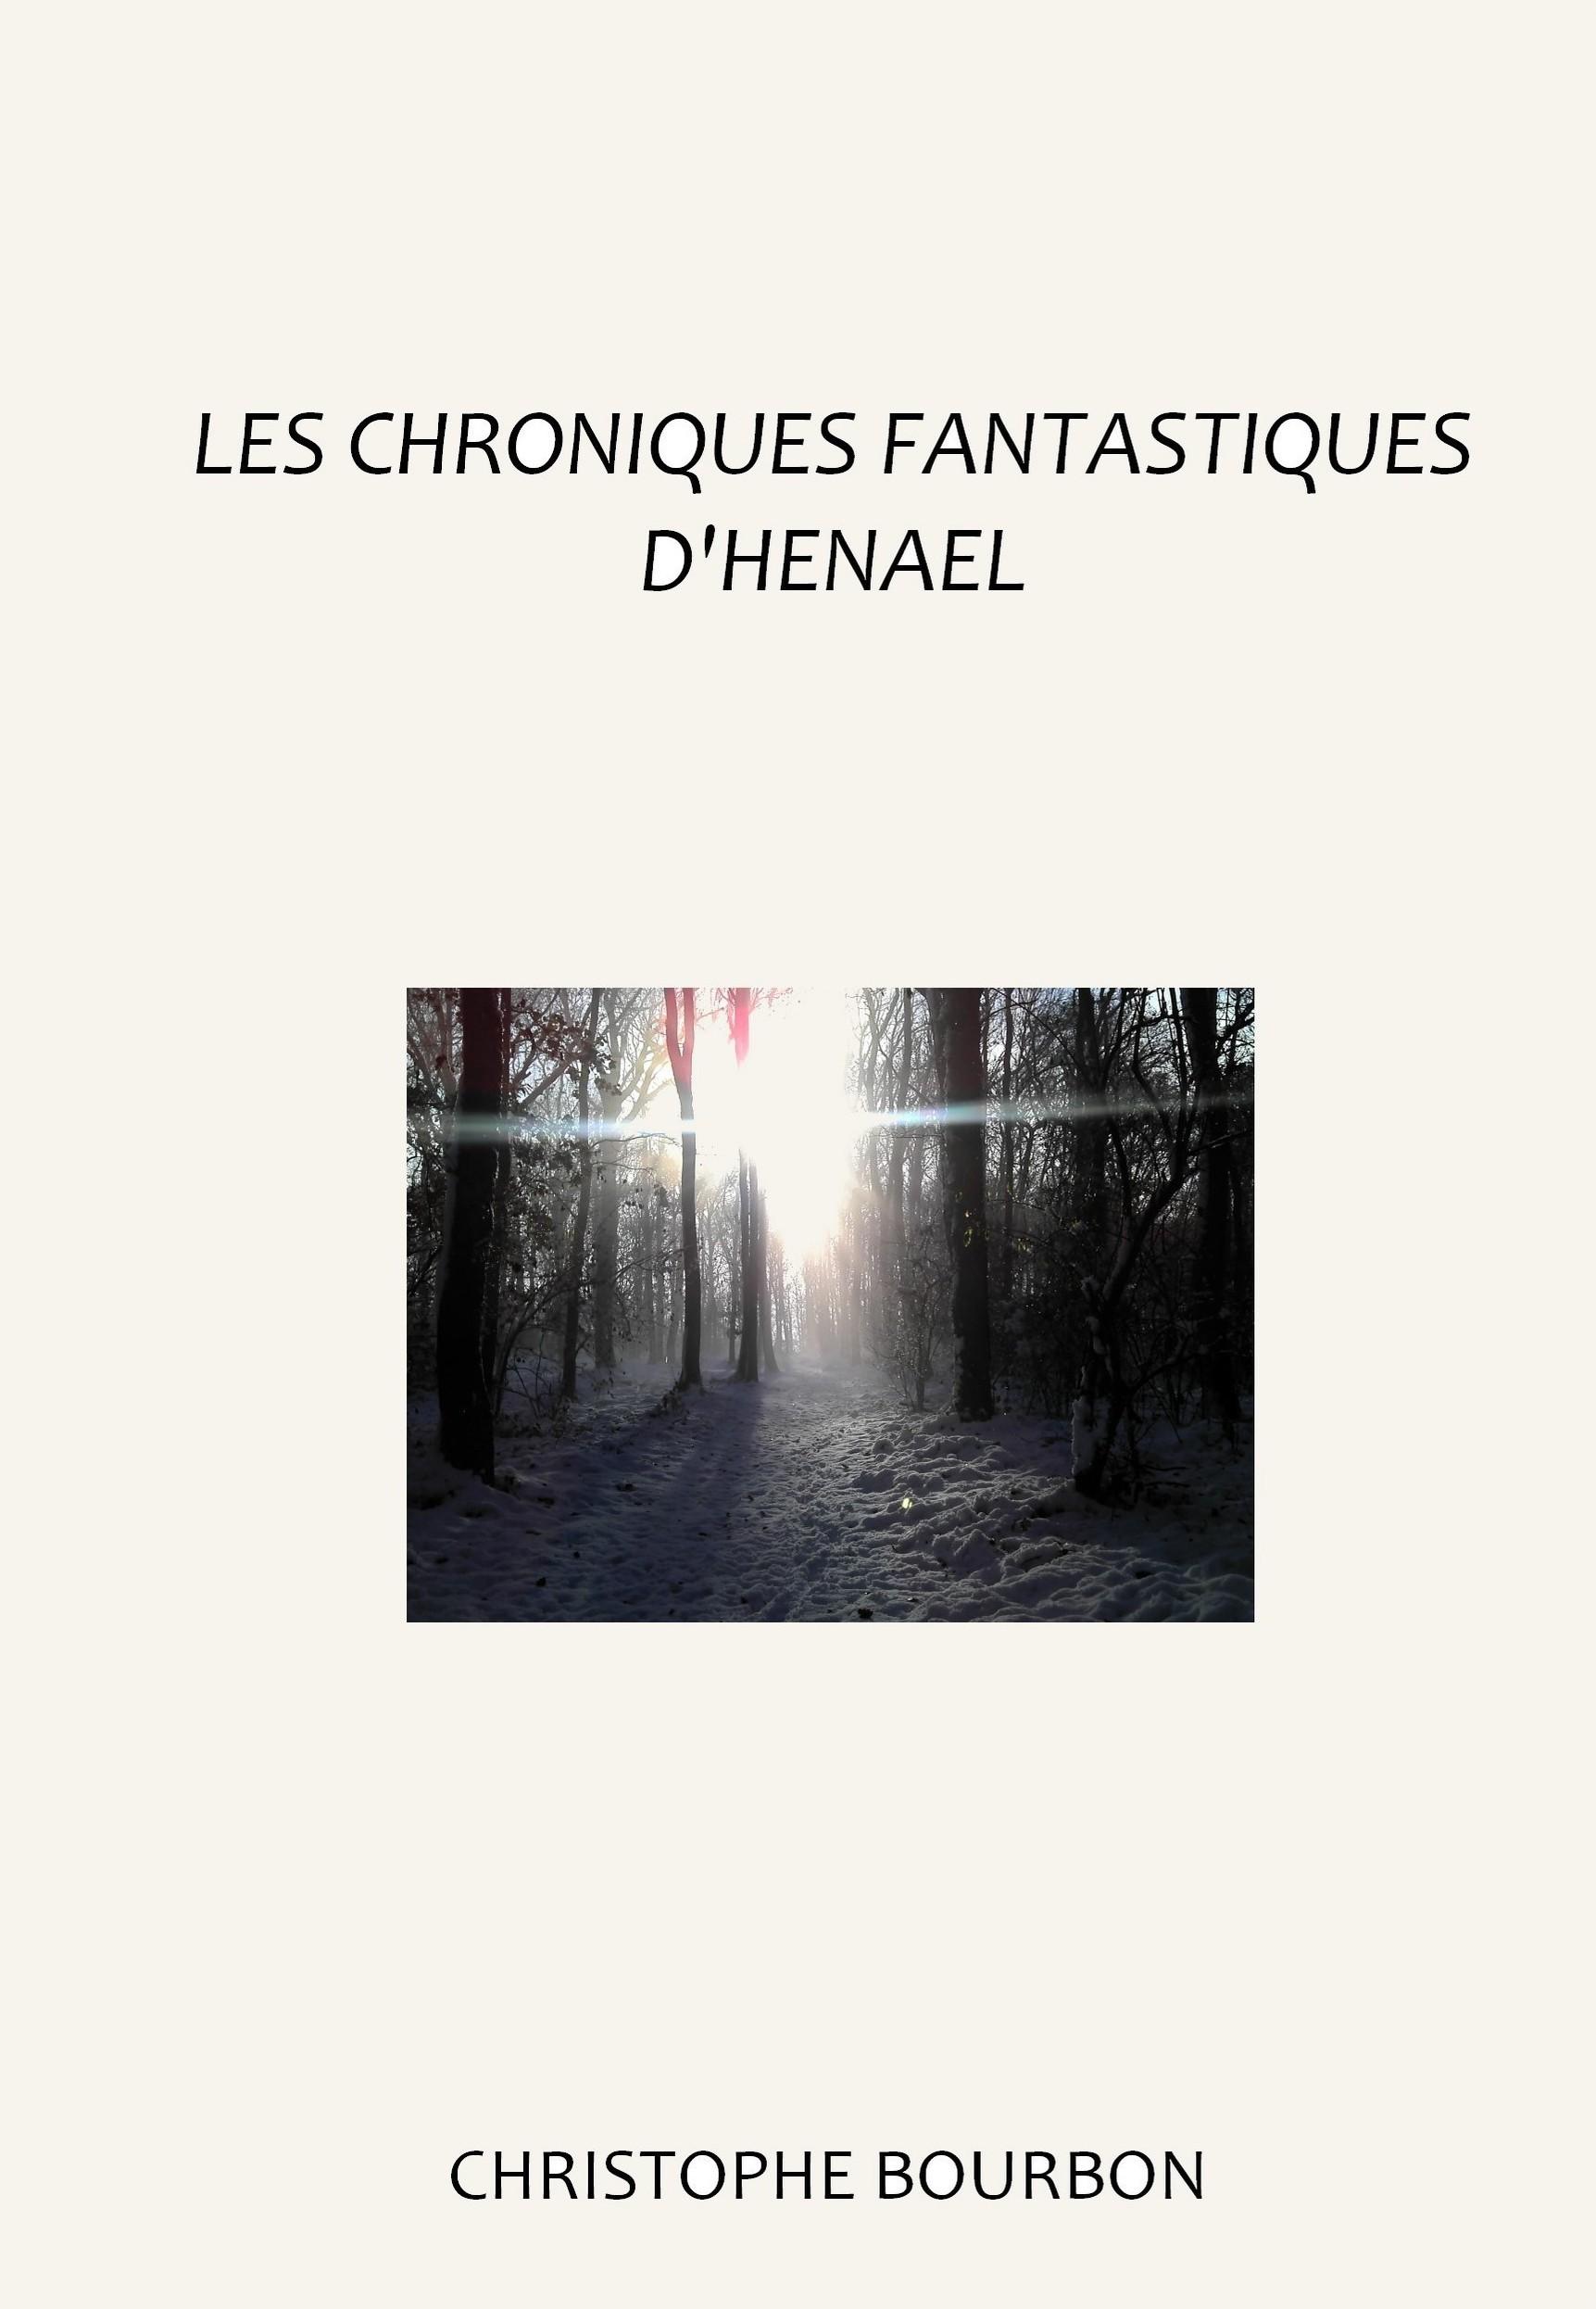 LES CHRONIQUES FANTASTIQUES D'HENAEL